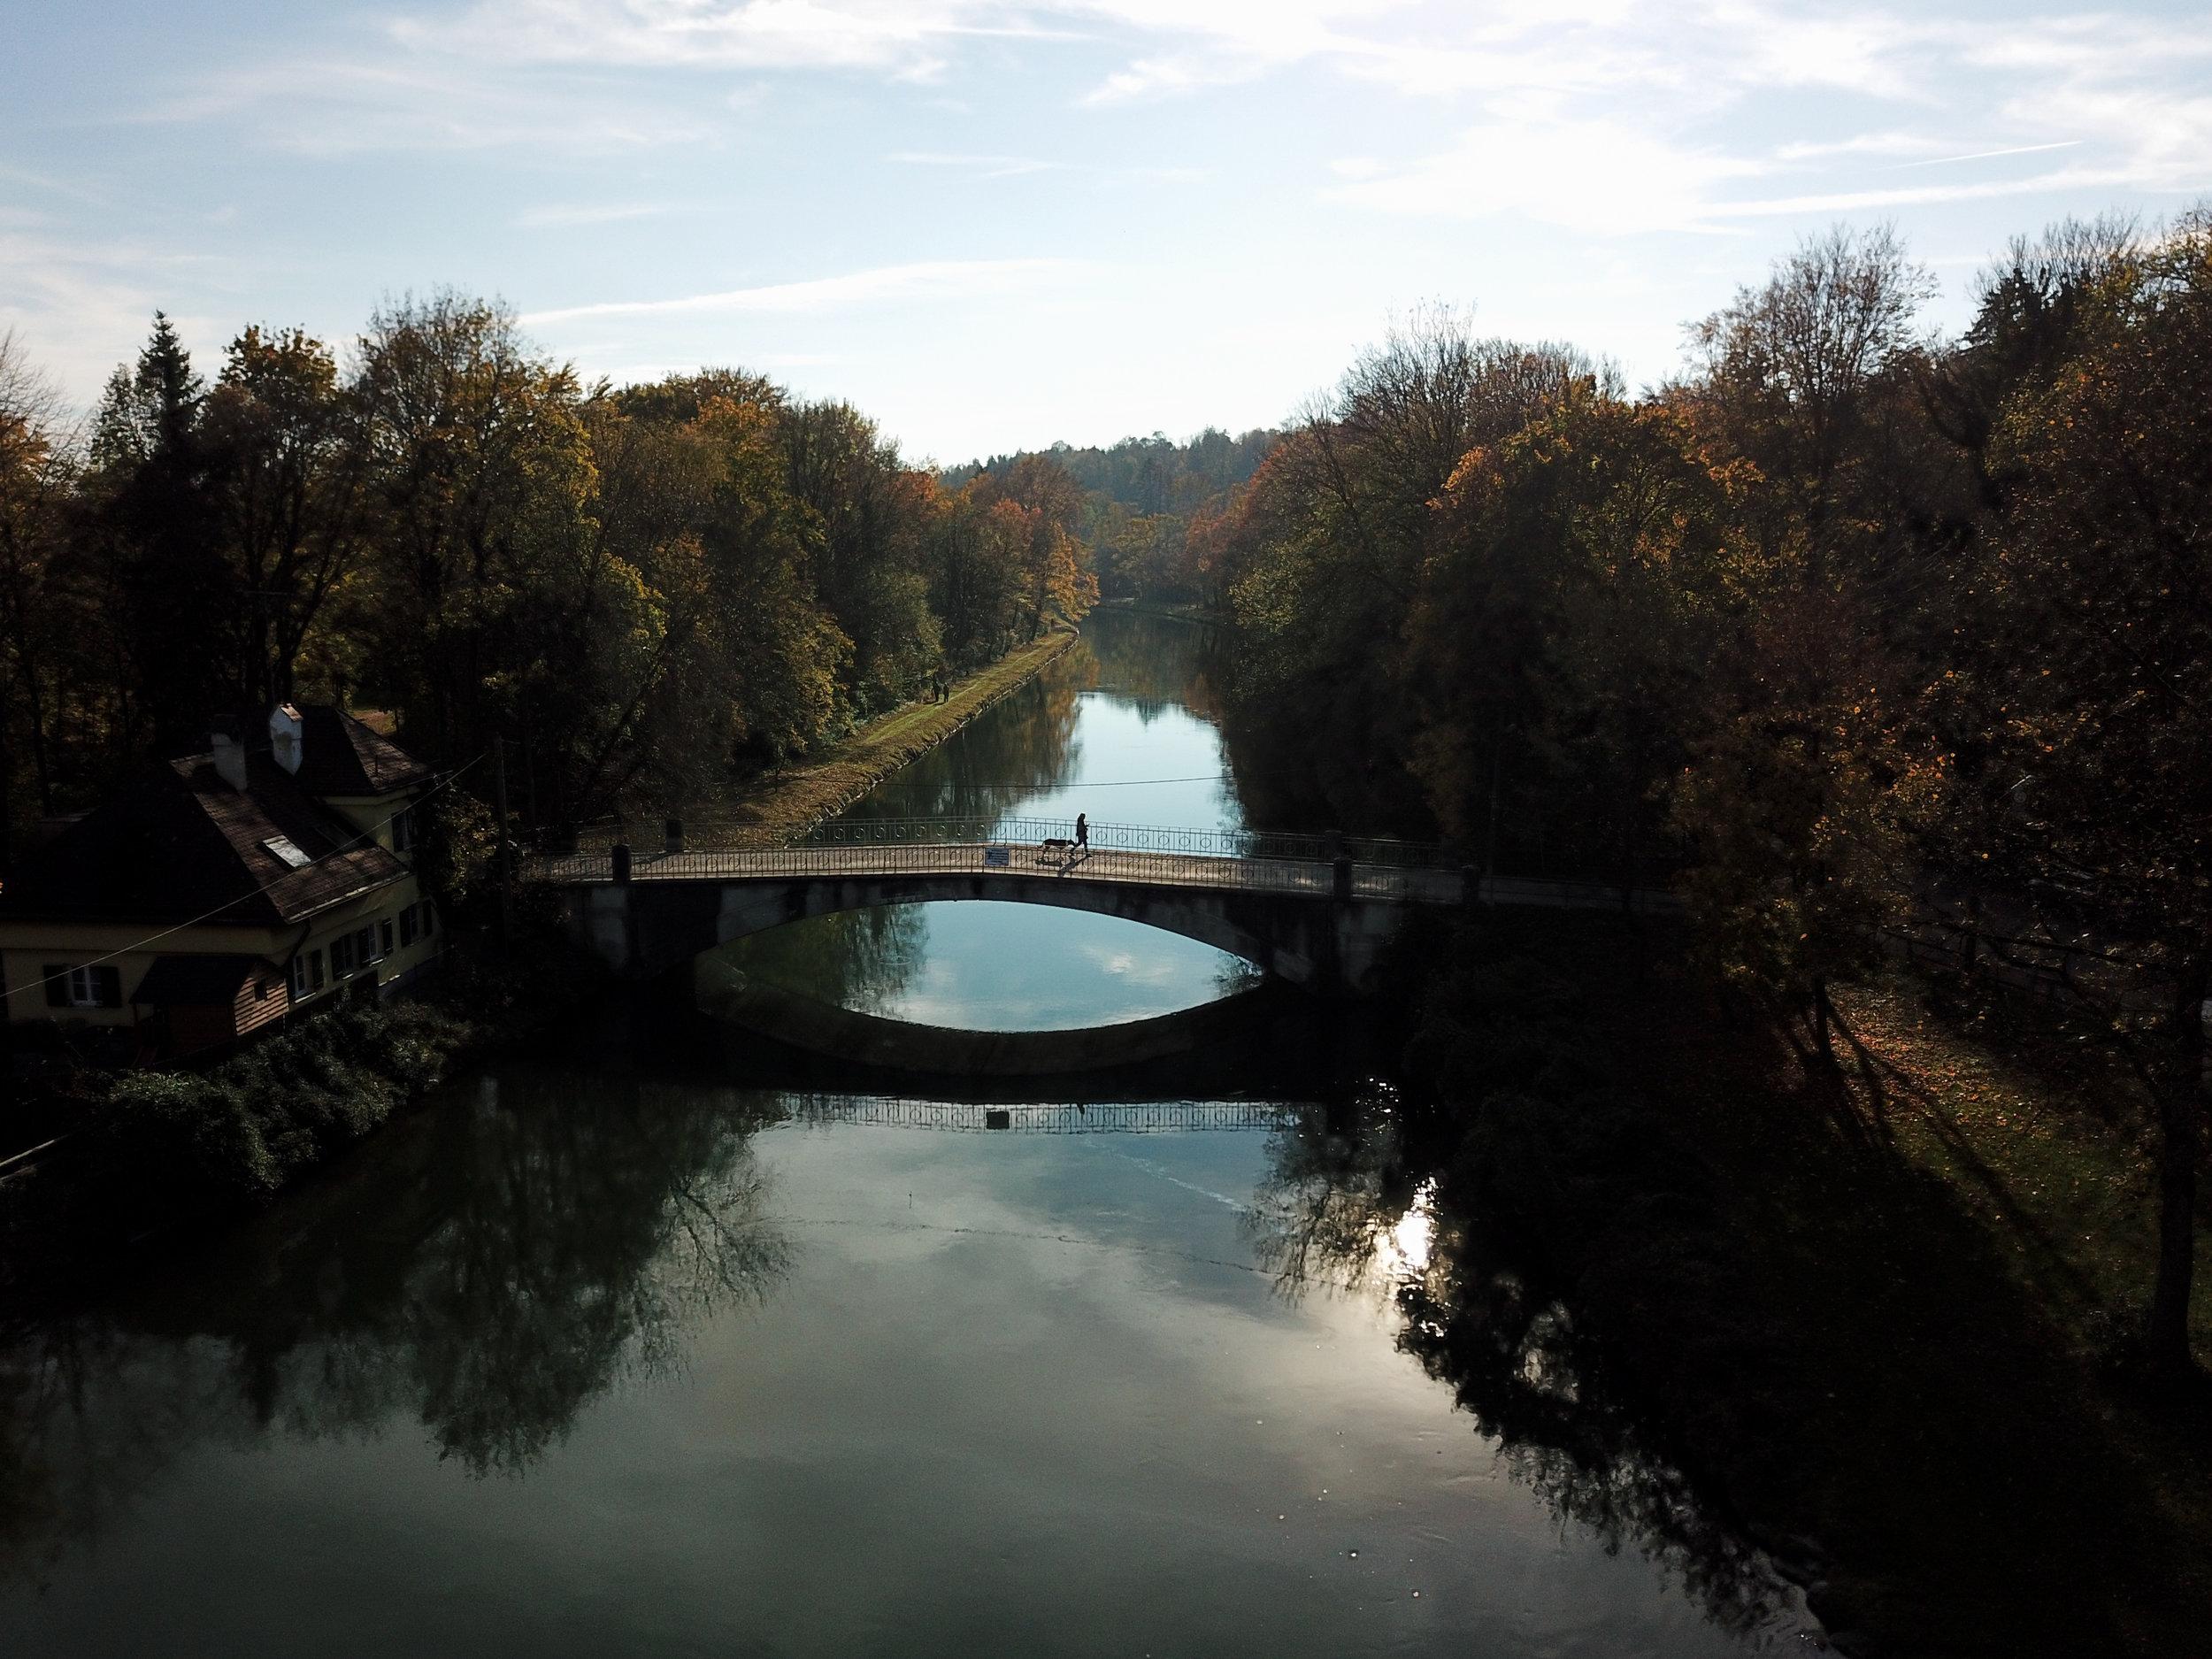 Brücke über die Isar, München, Drohnenaufnahme